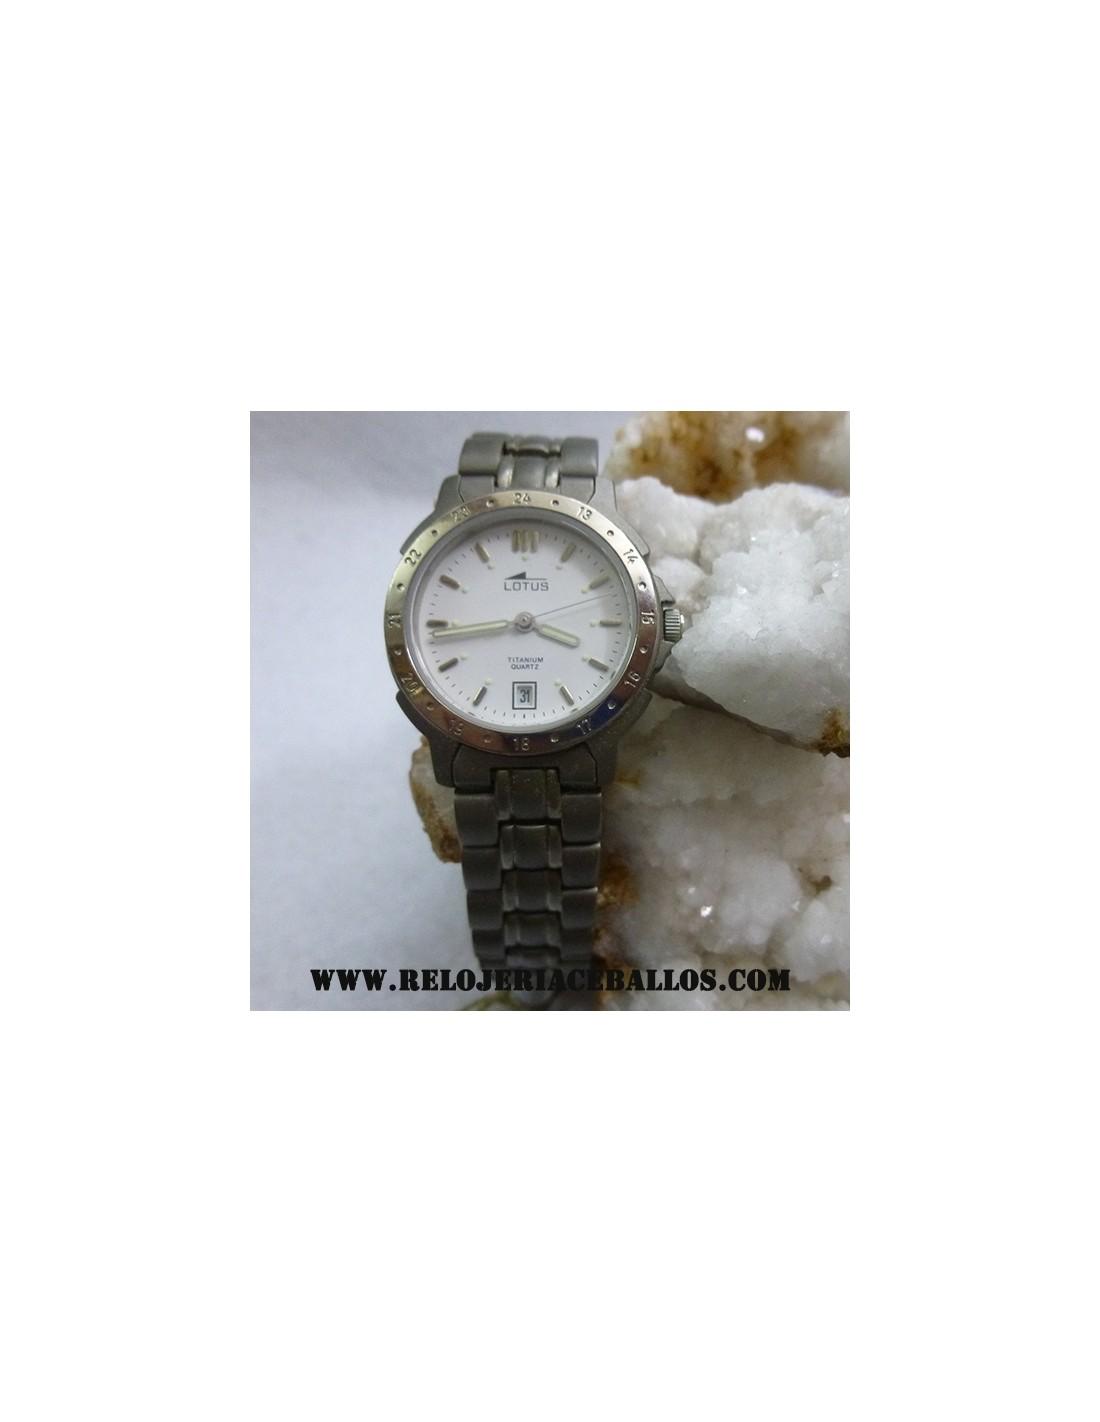 Reloj justina de plata ref 25585 relojer a joyer a ceballos - Relojes justina precios ...